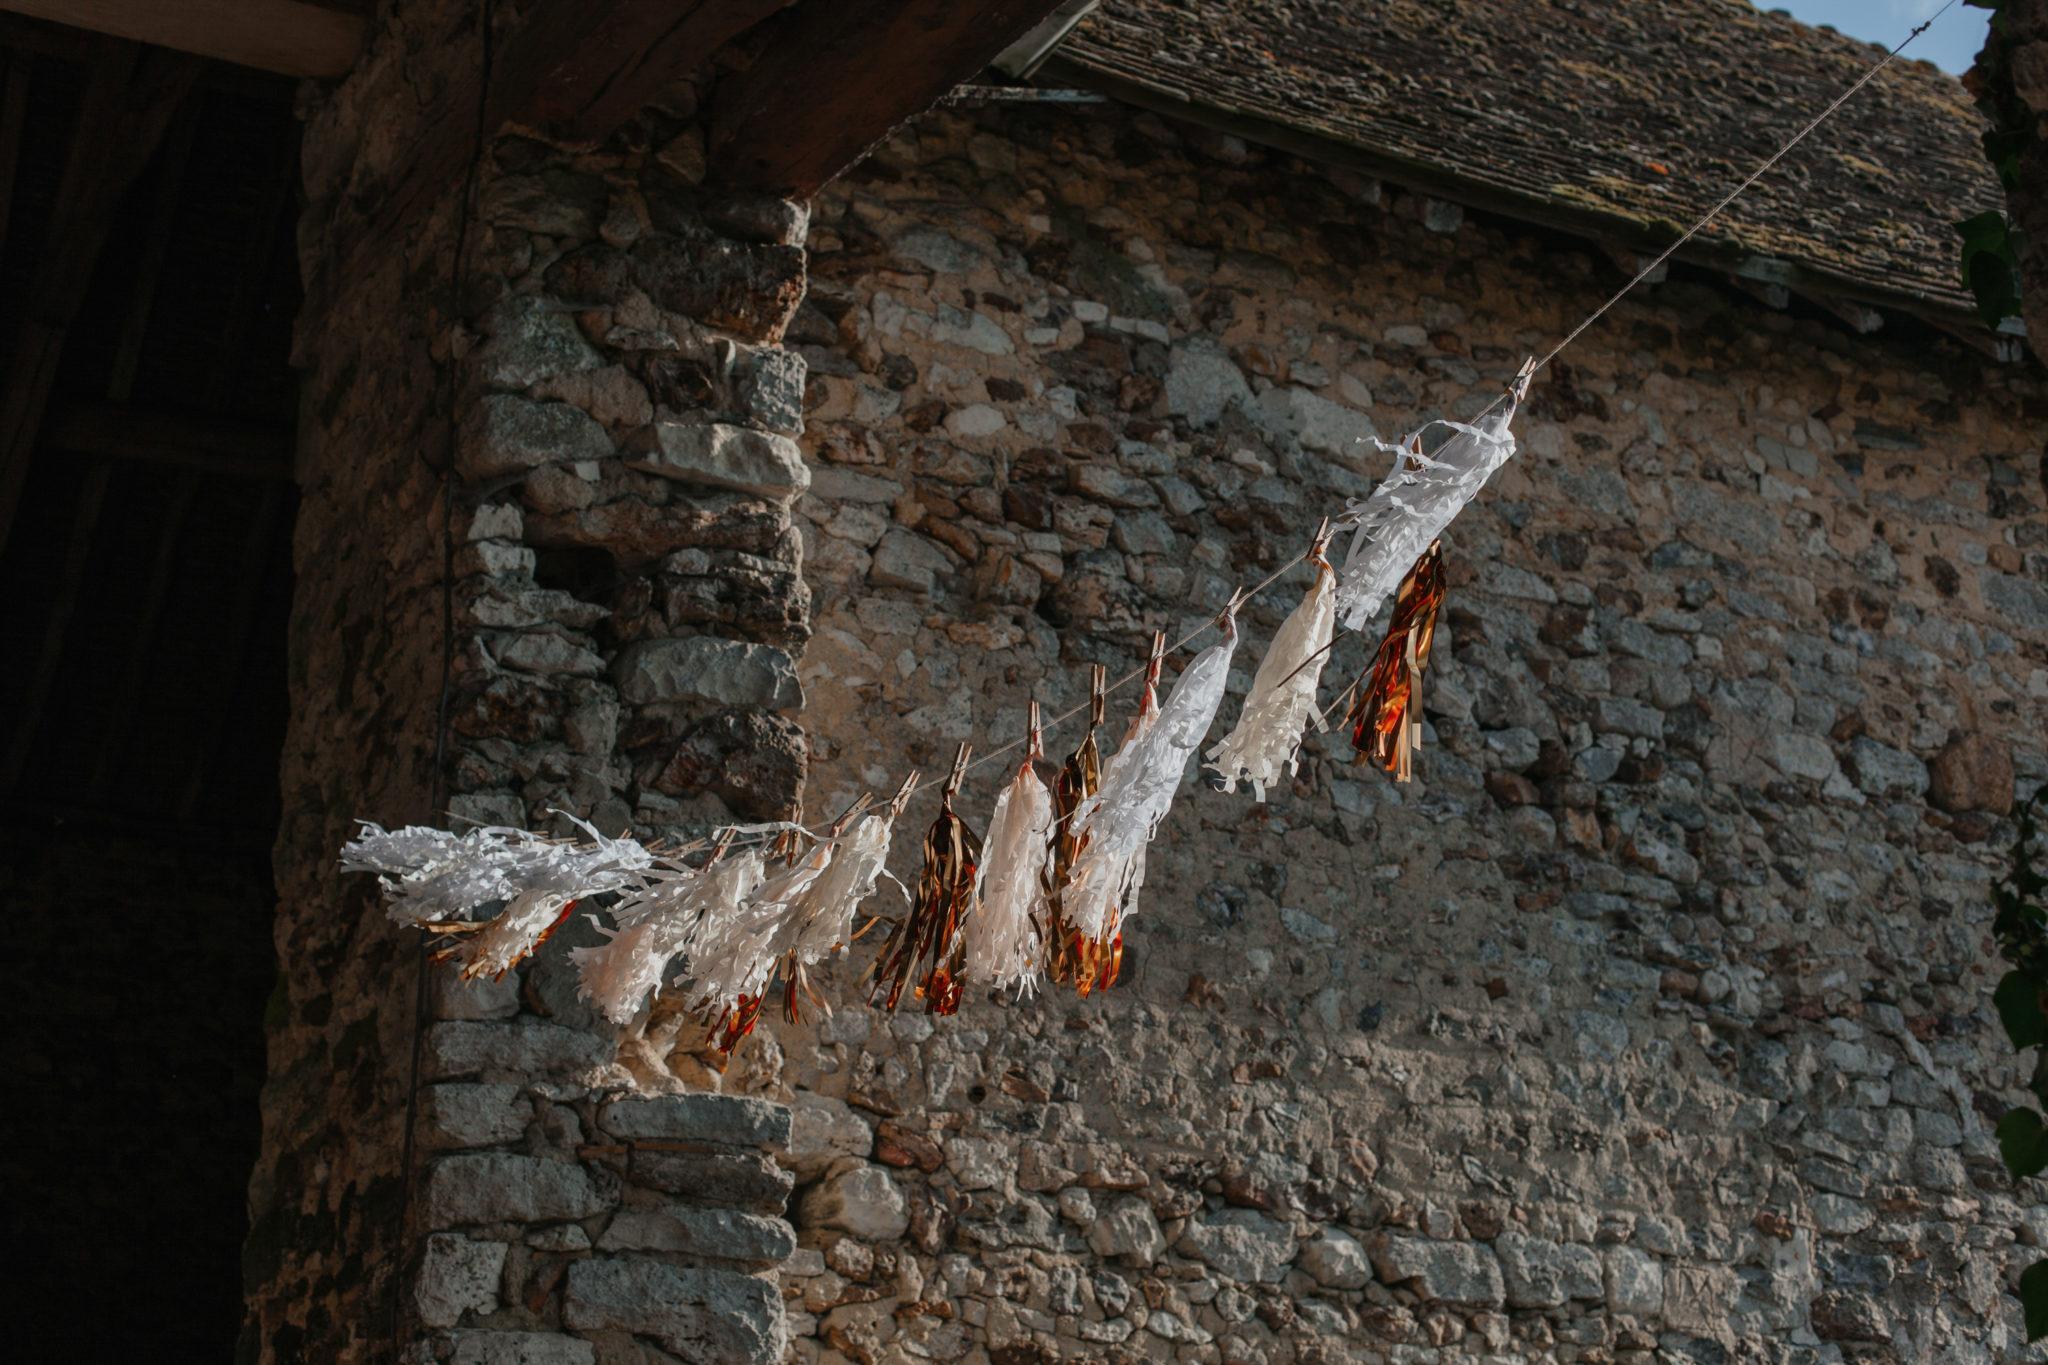 Entrée cérémonie grange pompons glitter vegas Mariage 50s Domaine Mauvoisin Lommoye